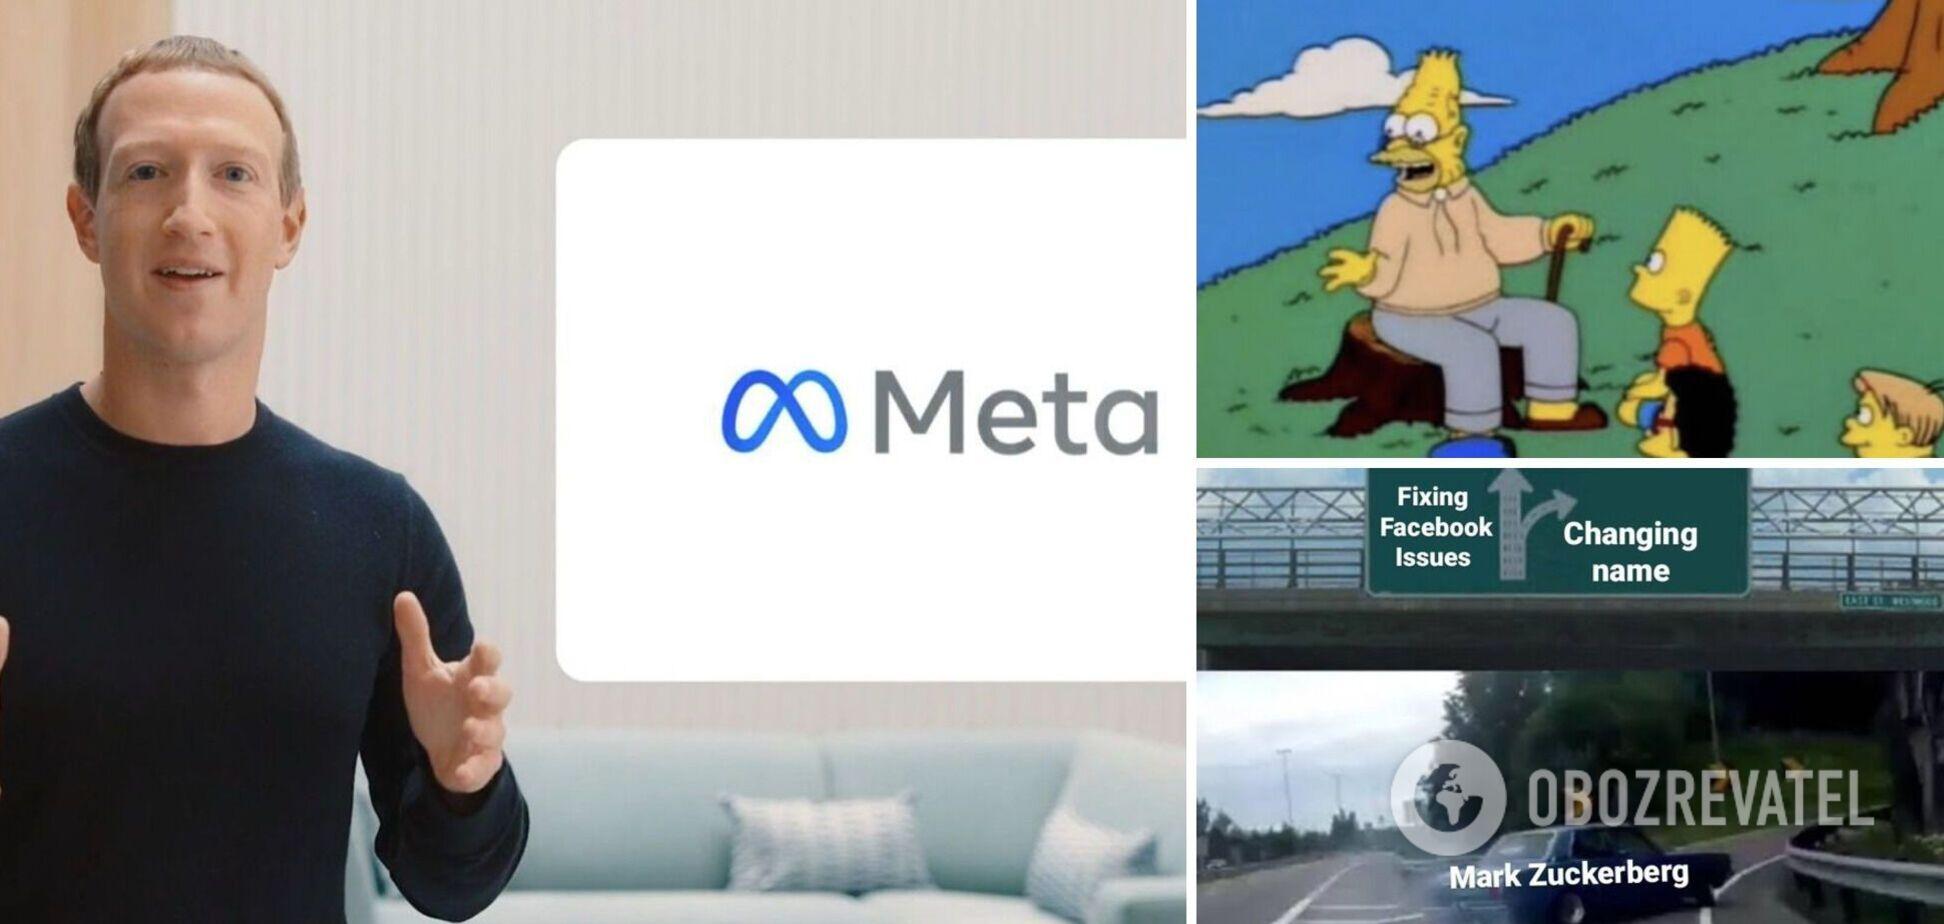 Facebook став Meta: соцмережі відреагували мемами та фотожабами